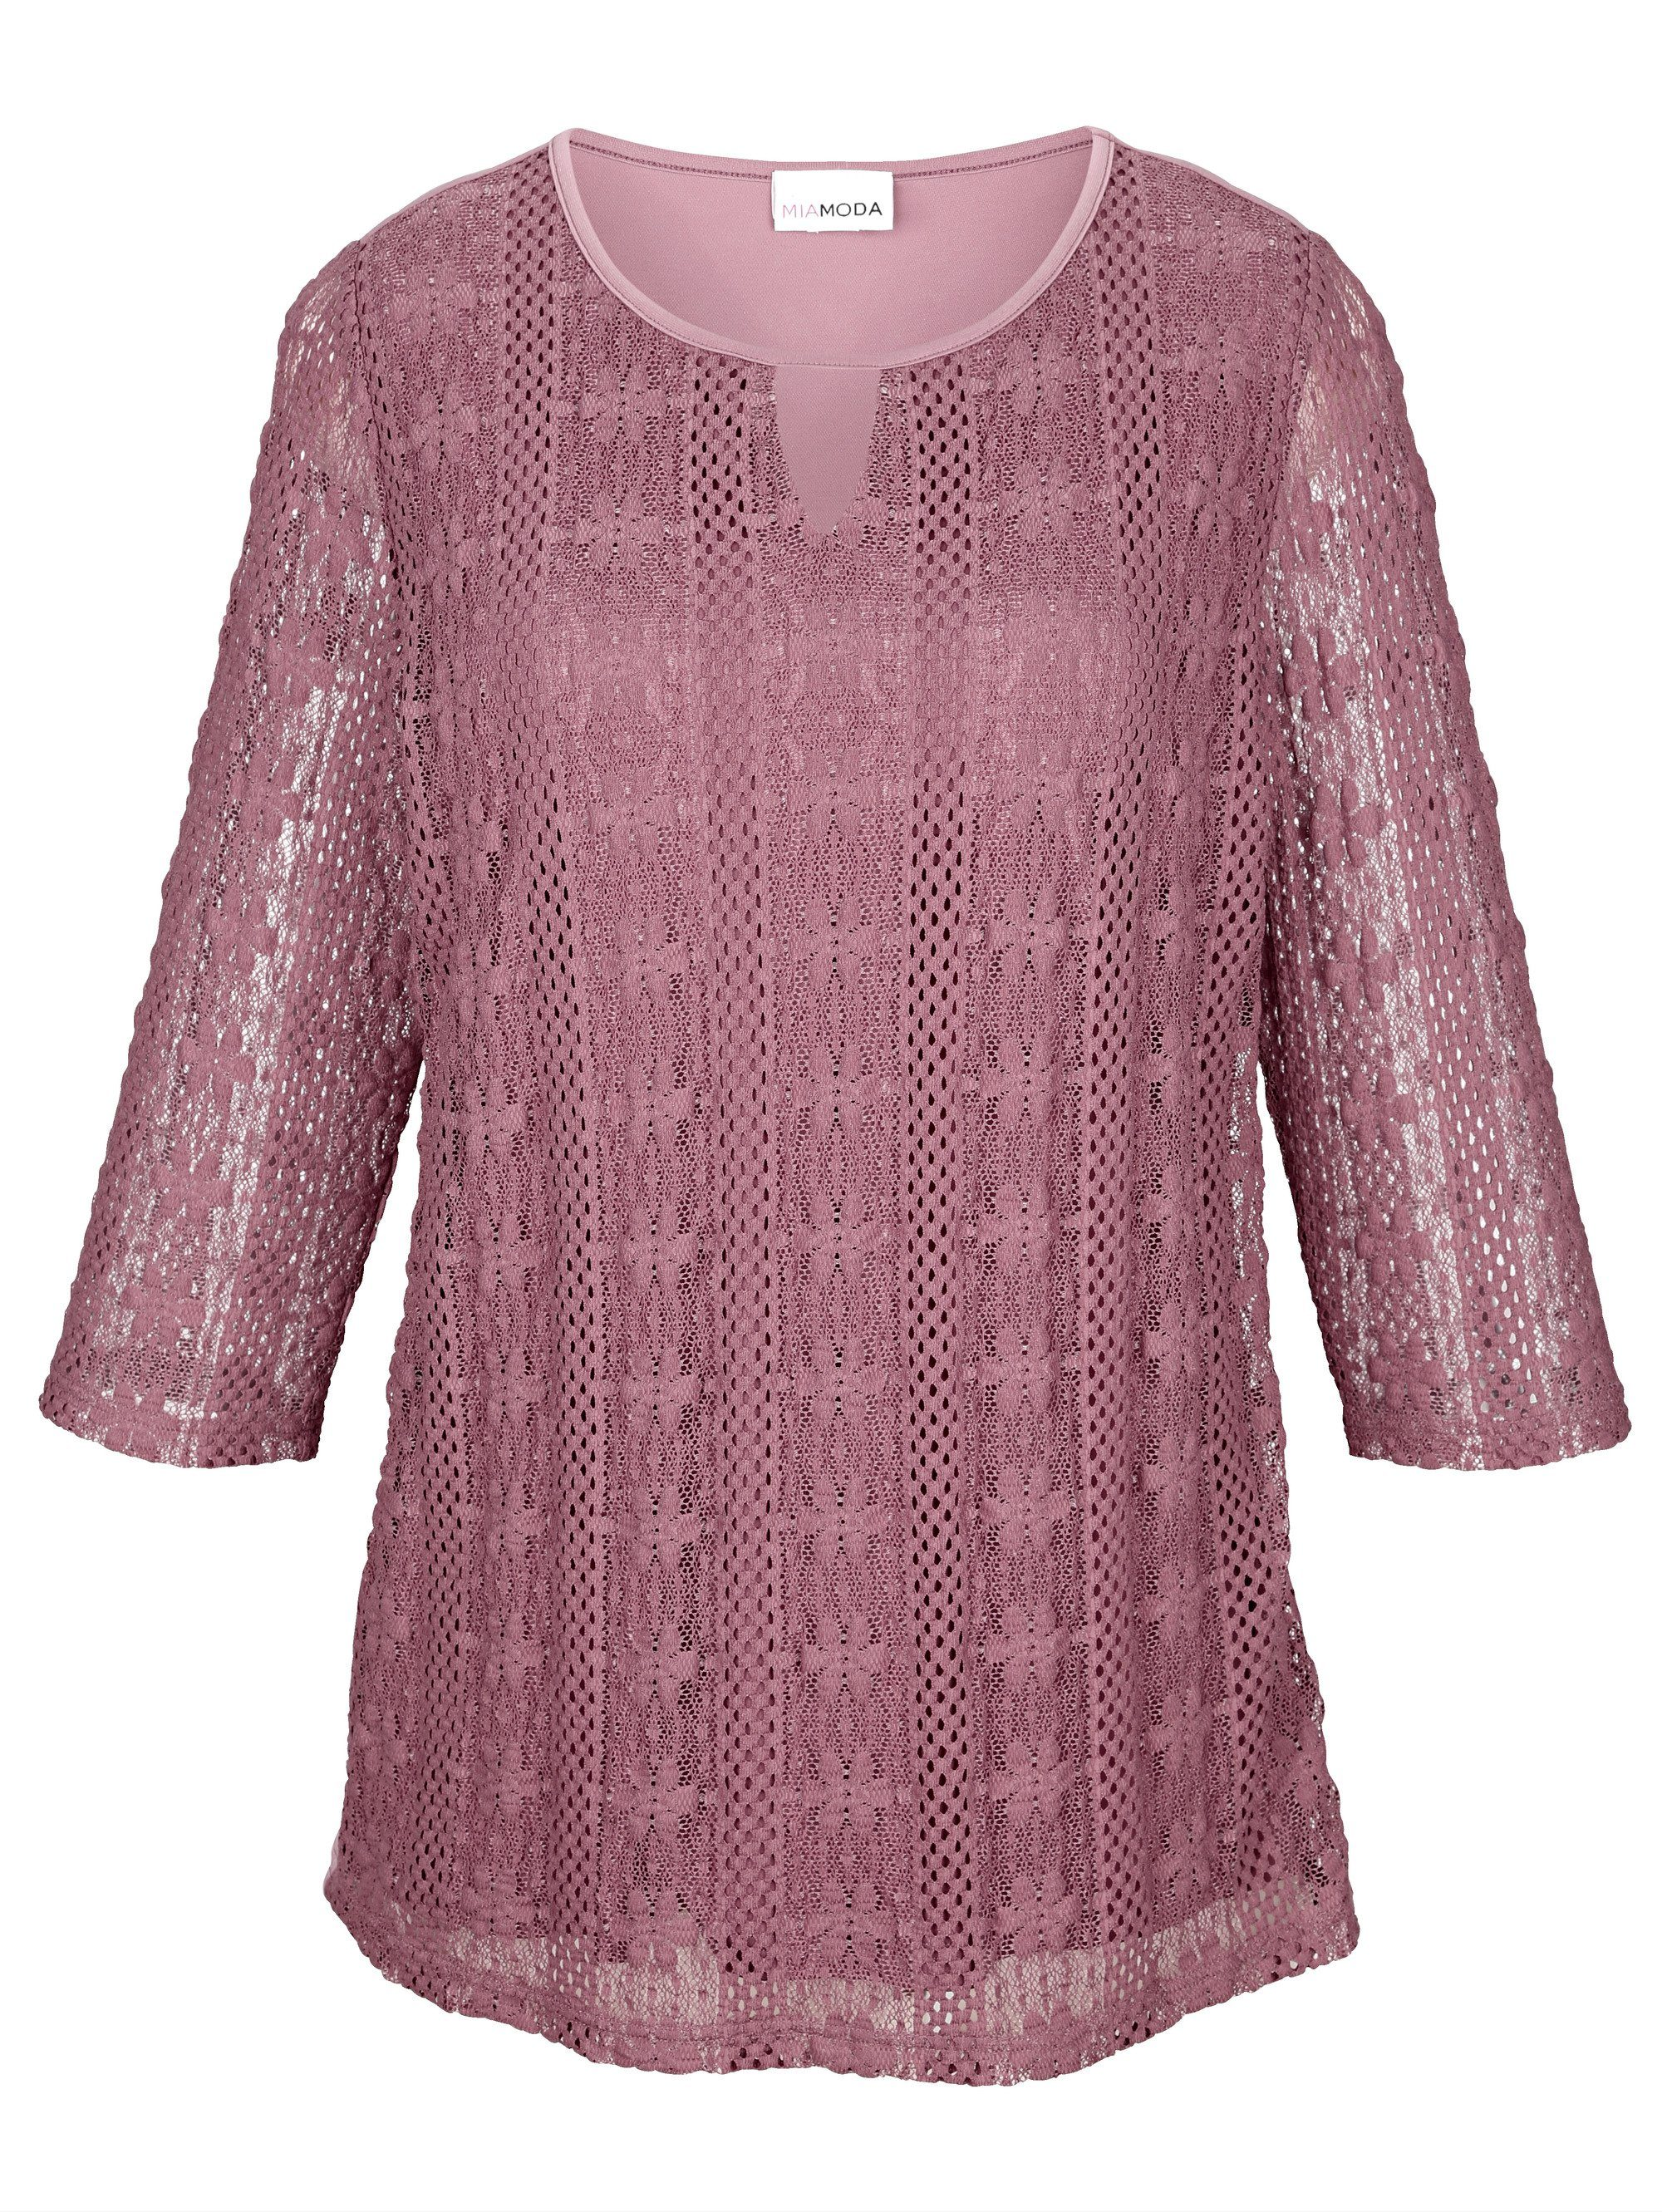 MIAMODA Spitzenshirt mit leicht transparenten Ärmeln | Bekleidung > Shirts > Spitzenshirts | Miamoda